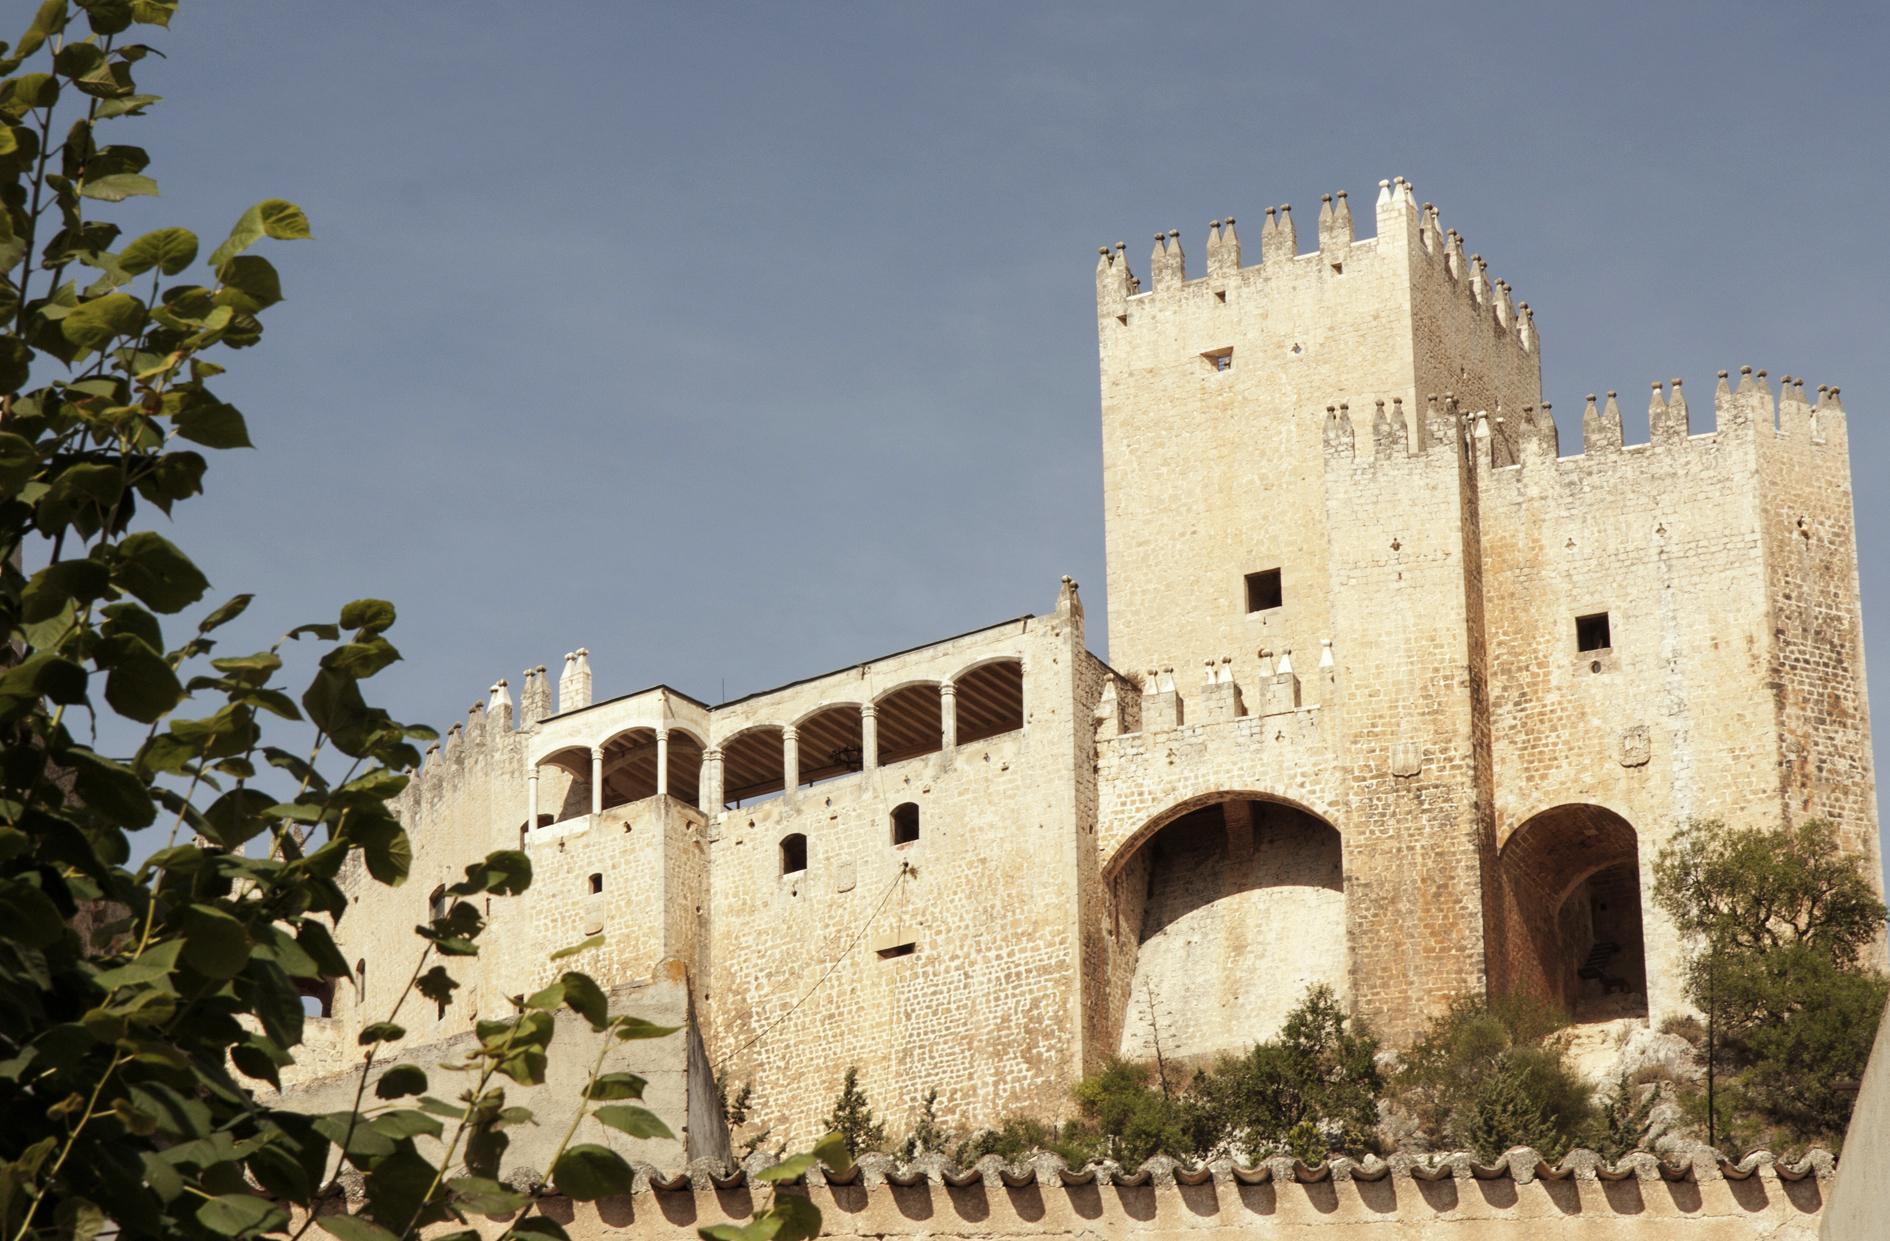 View of the Castillo de los Fajardo, Vélez Blanco.